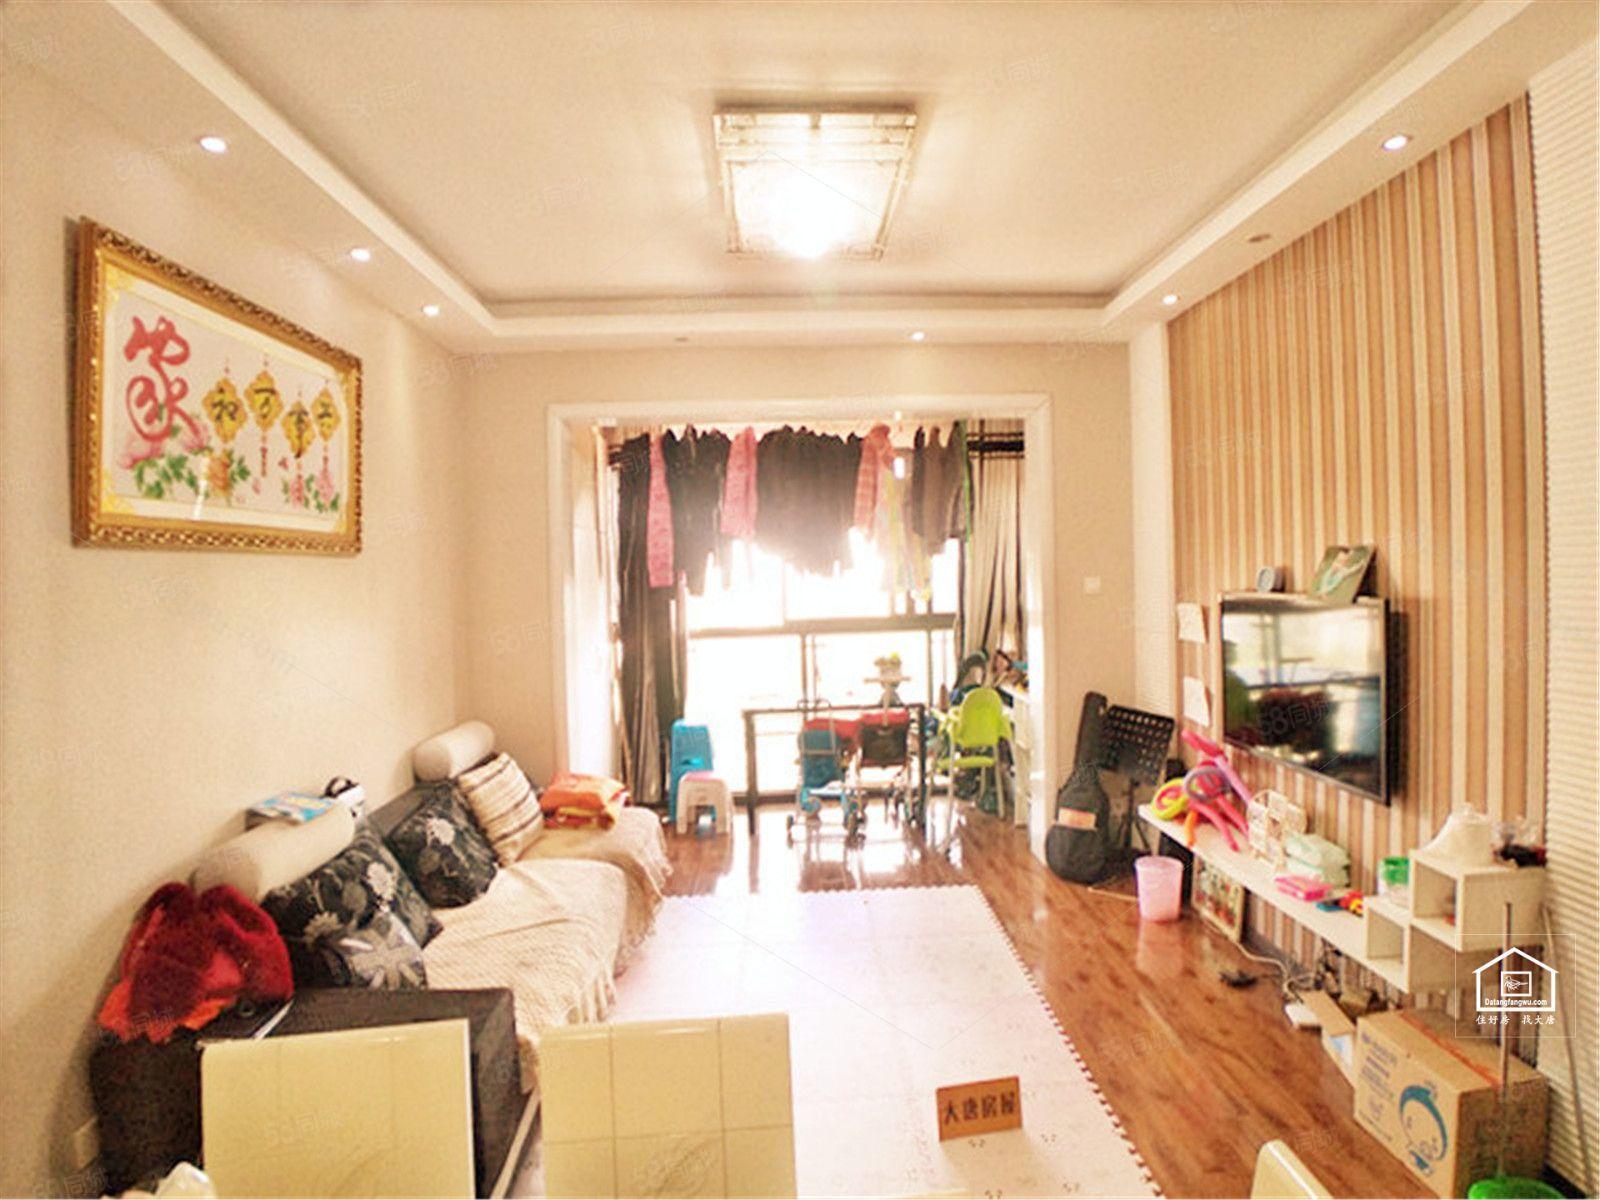 旺府豪庭超大赠送房子正对中庭朝南套二出售近地铁急卖